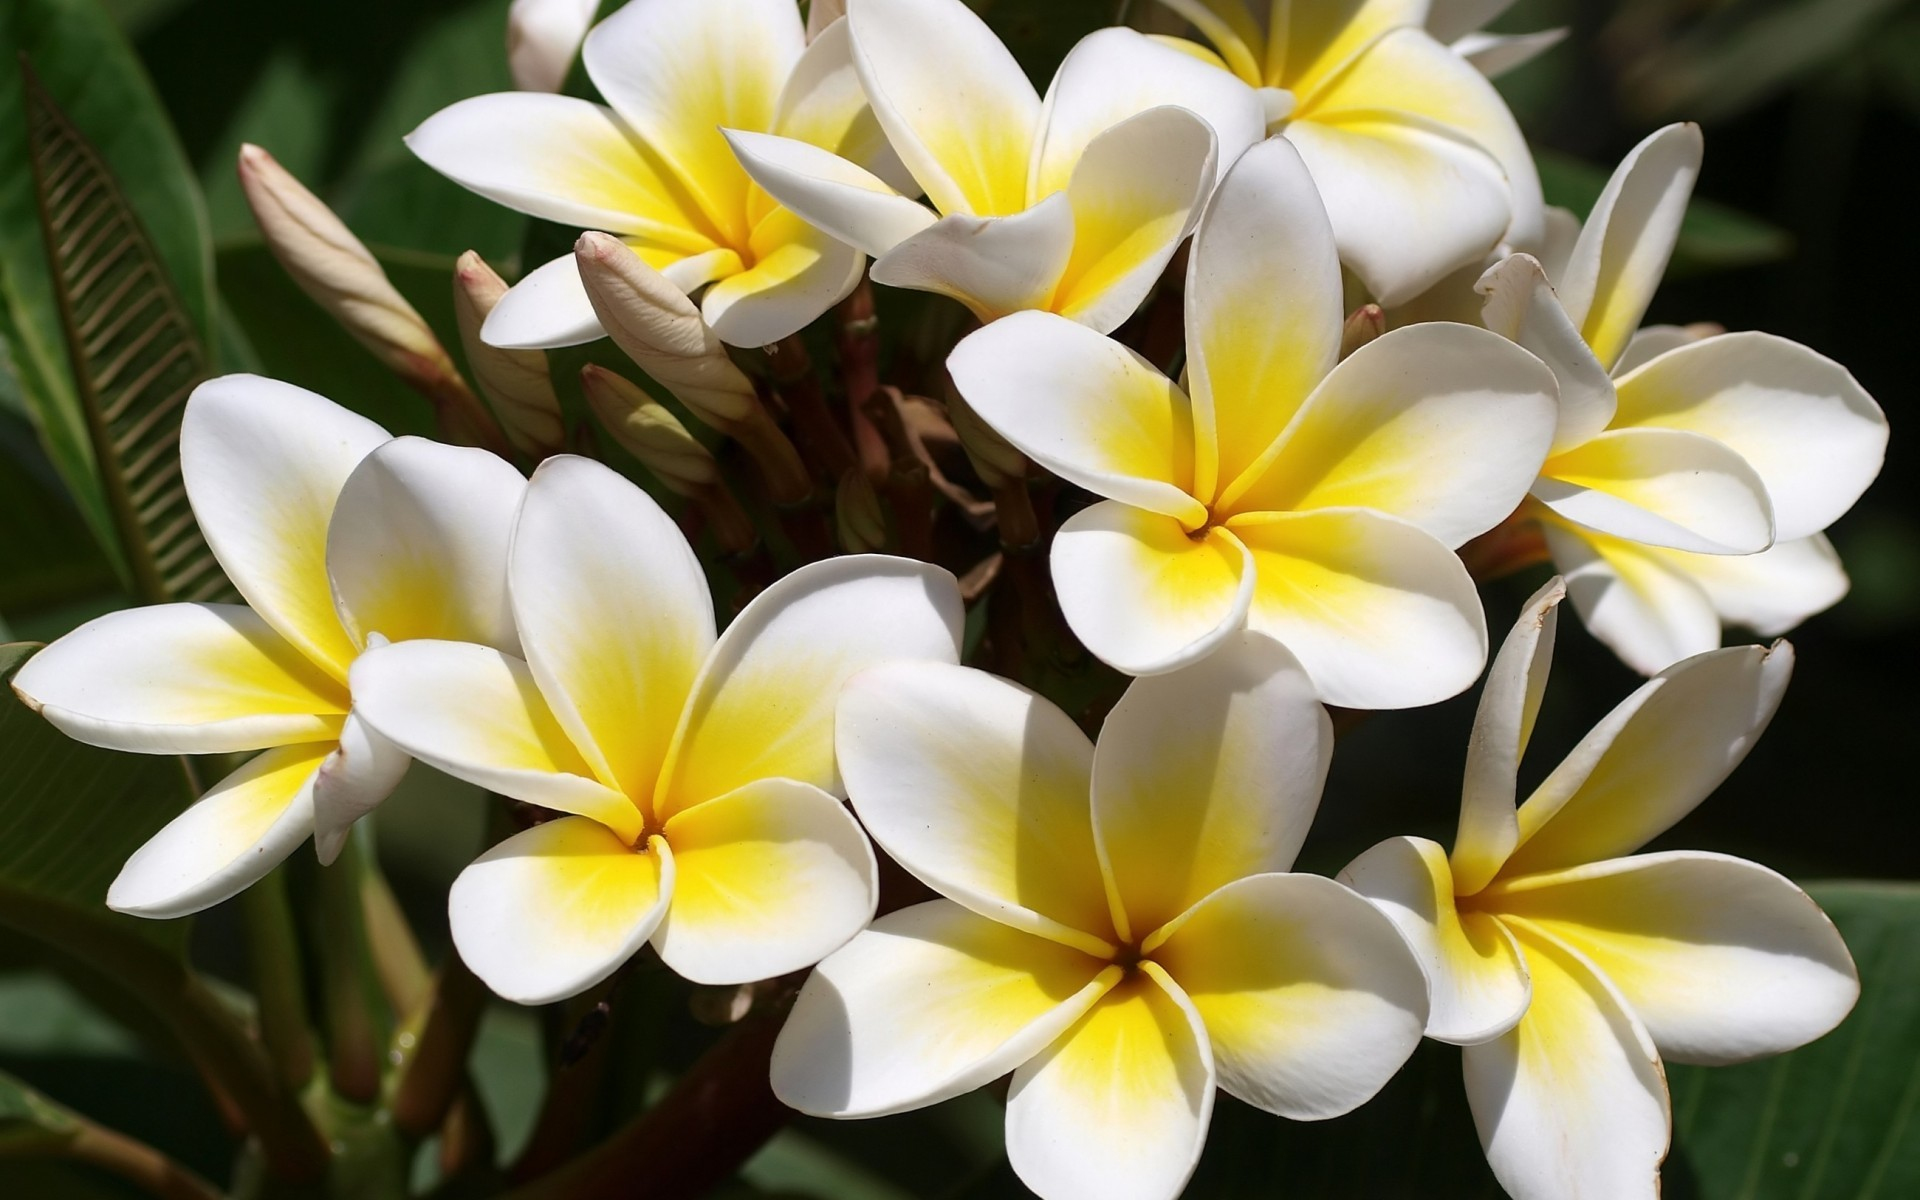 White yellow plumeria